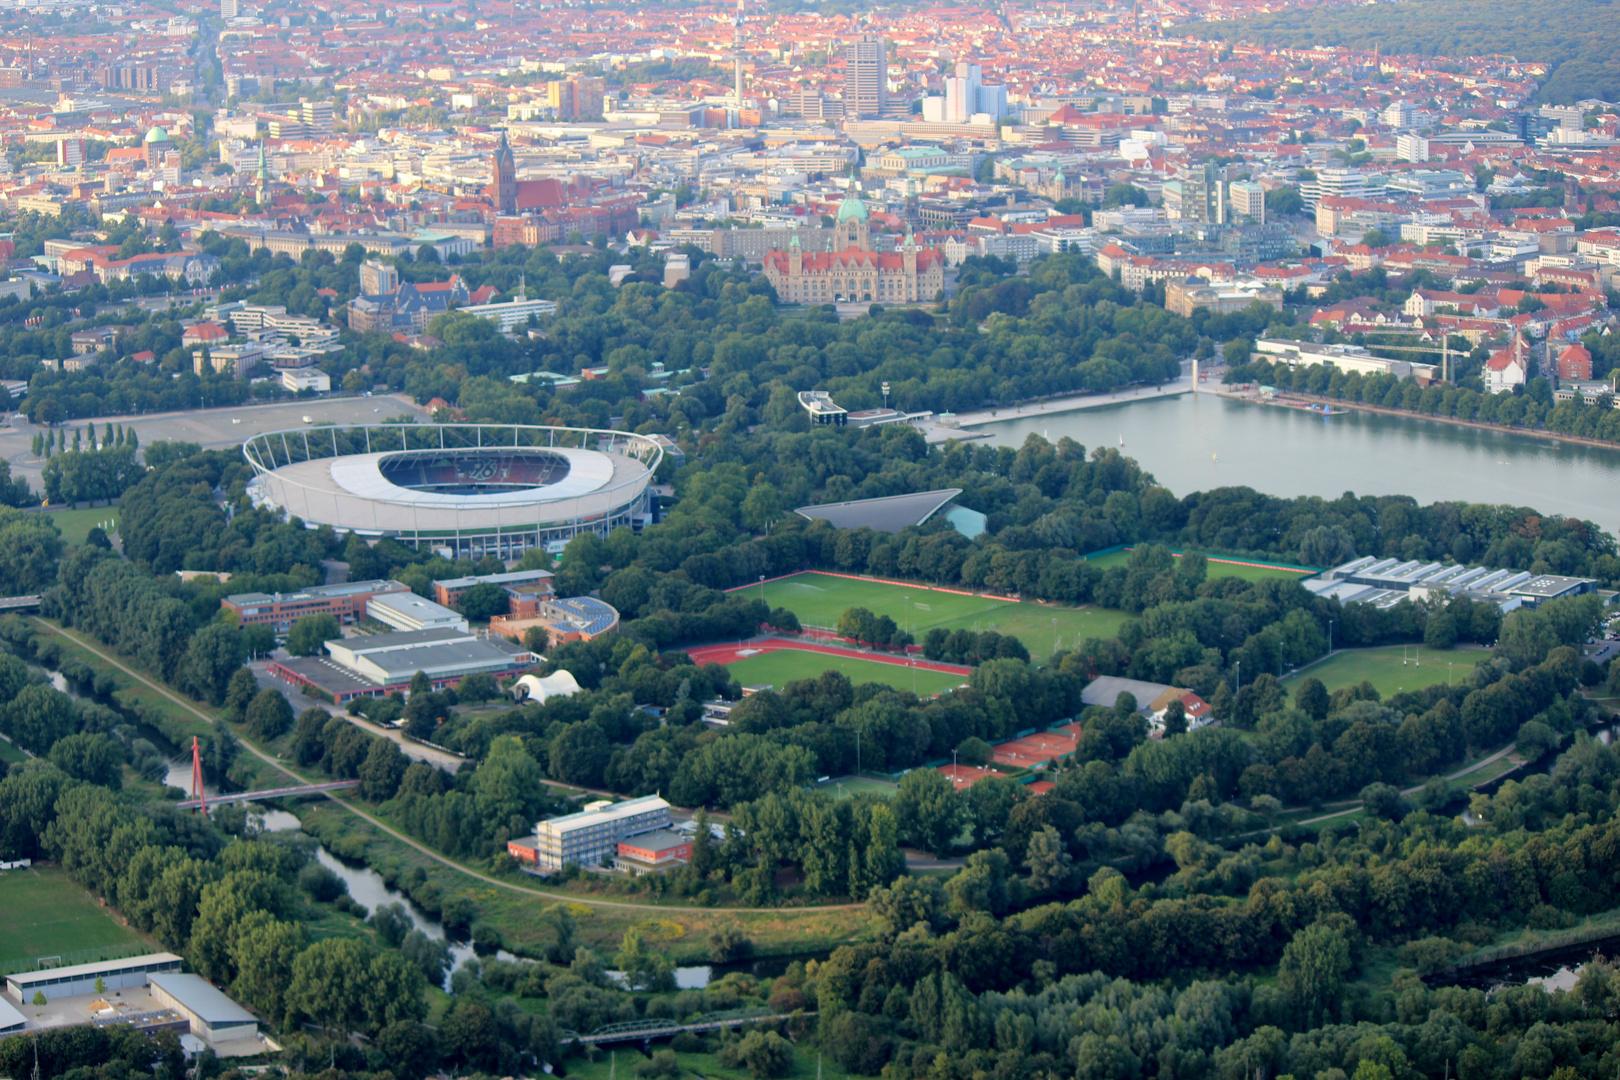 Stadion und Maschsee